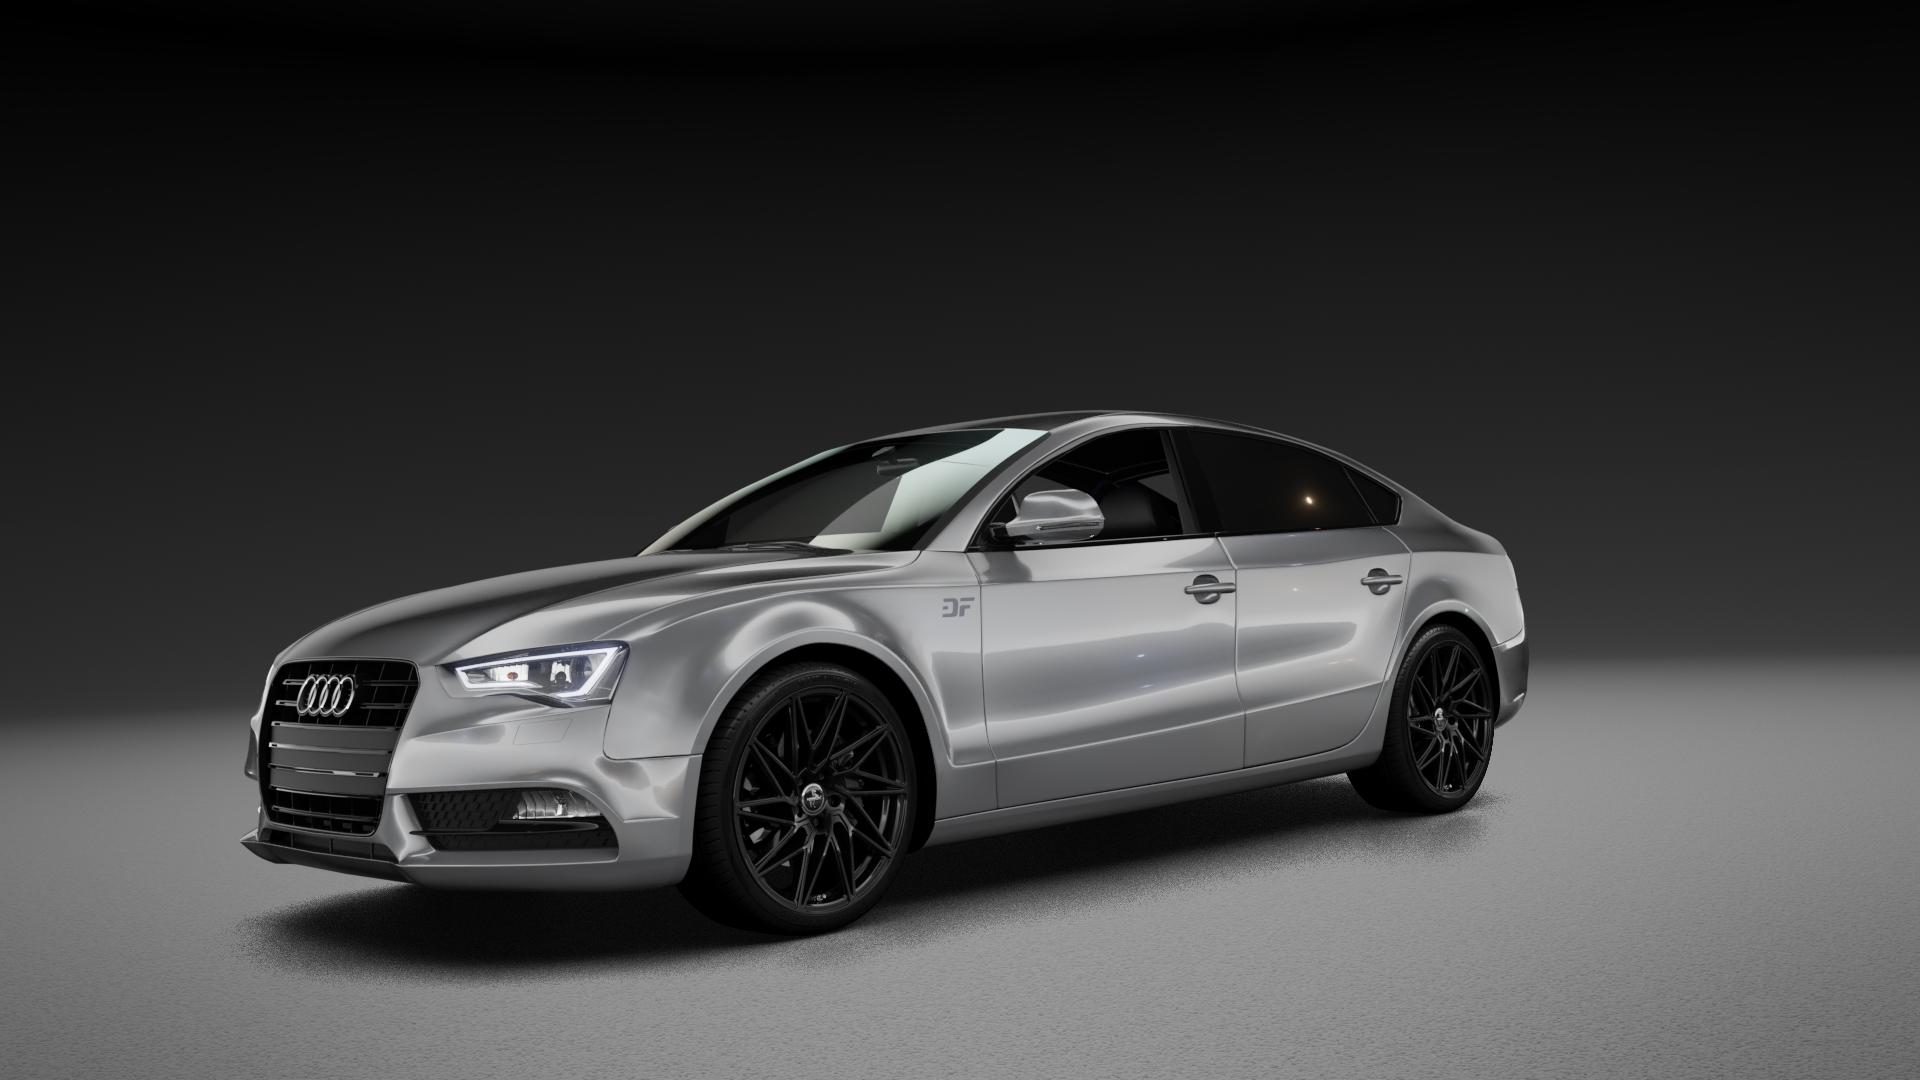 KESKIN KT20 BLACK PAINTED Felge mit Reifen schwarz in 19Zoll Winterfelge Alufelge auf silbernem Audi A5 Typ B8 (Sportback) Facelift ⬇️ mit 15mm Tieferlegung ⬇️ Neutral_mid_max5300mm Frontansicht_1